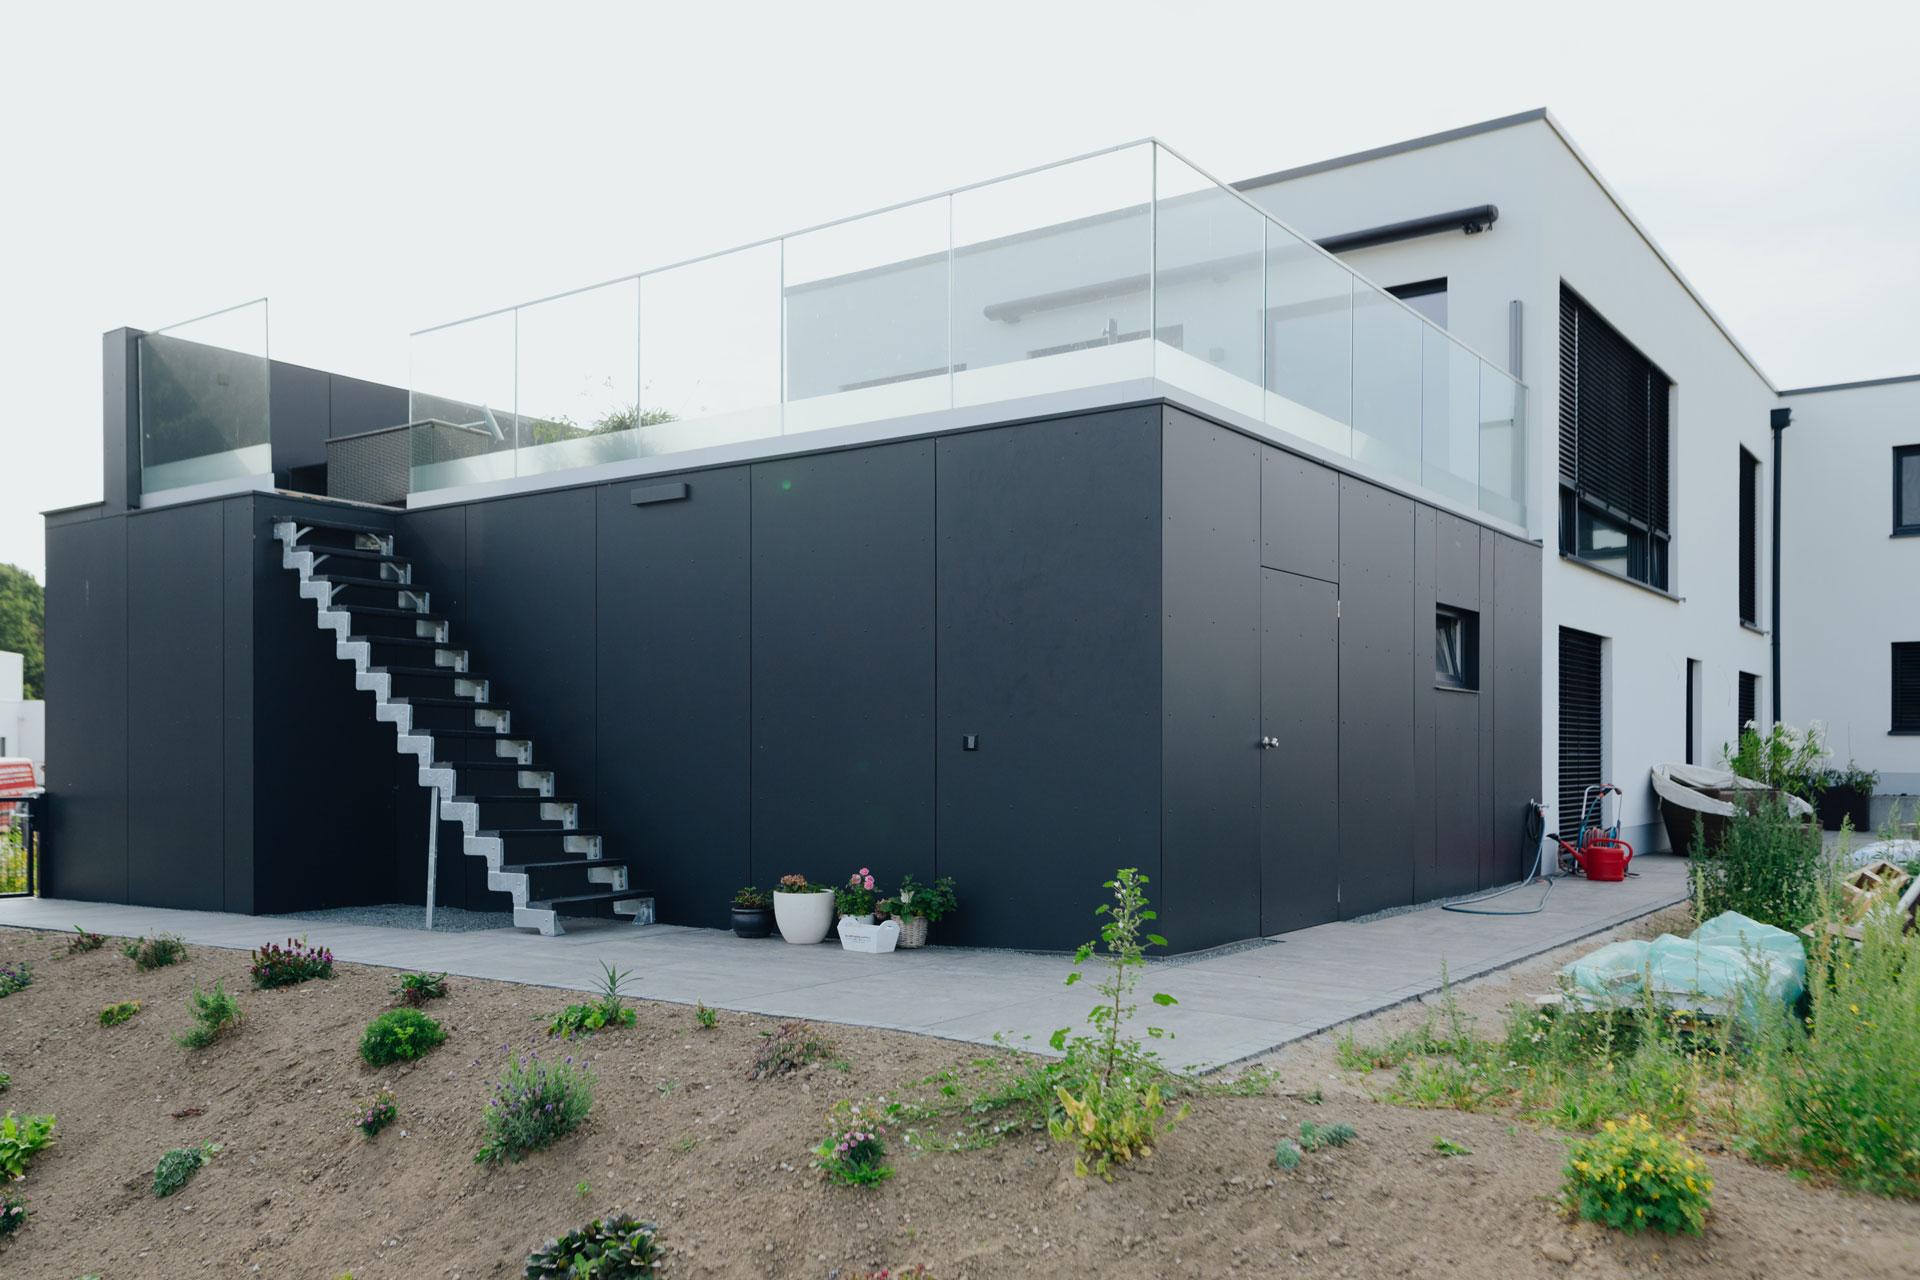 Doppelhaus in Wismar (01) / Nahaufnahme